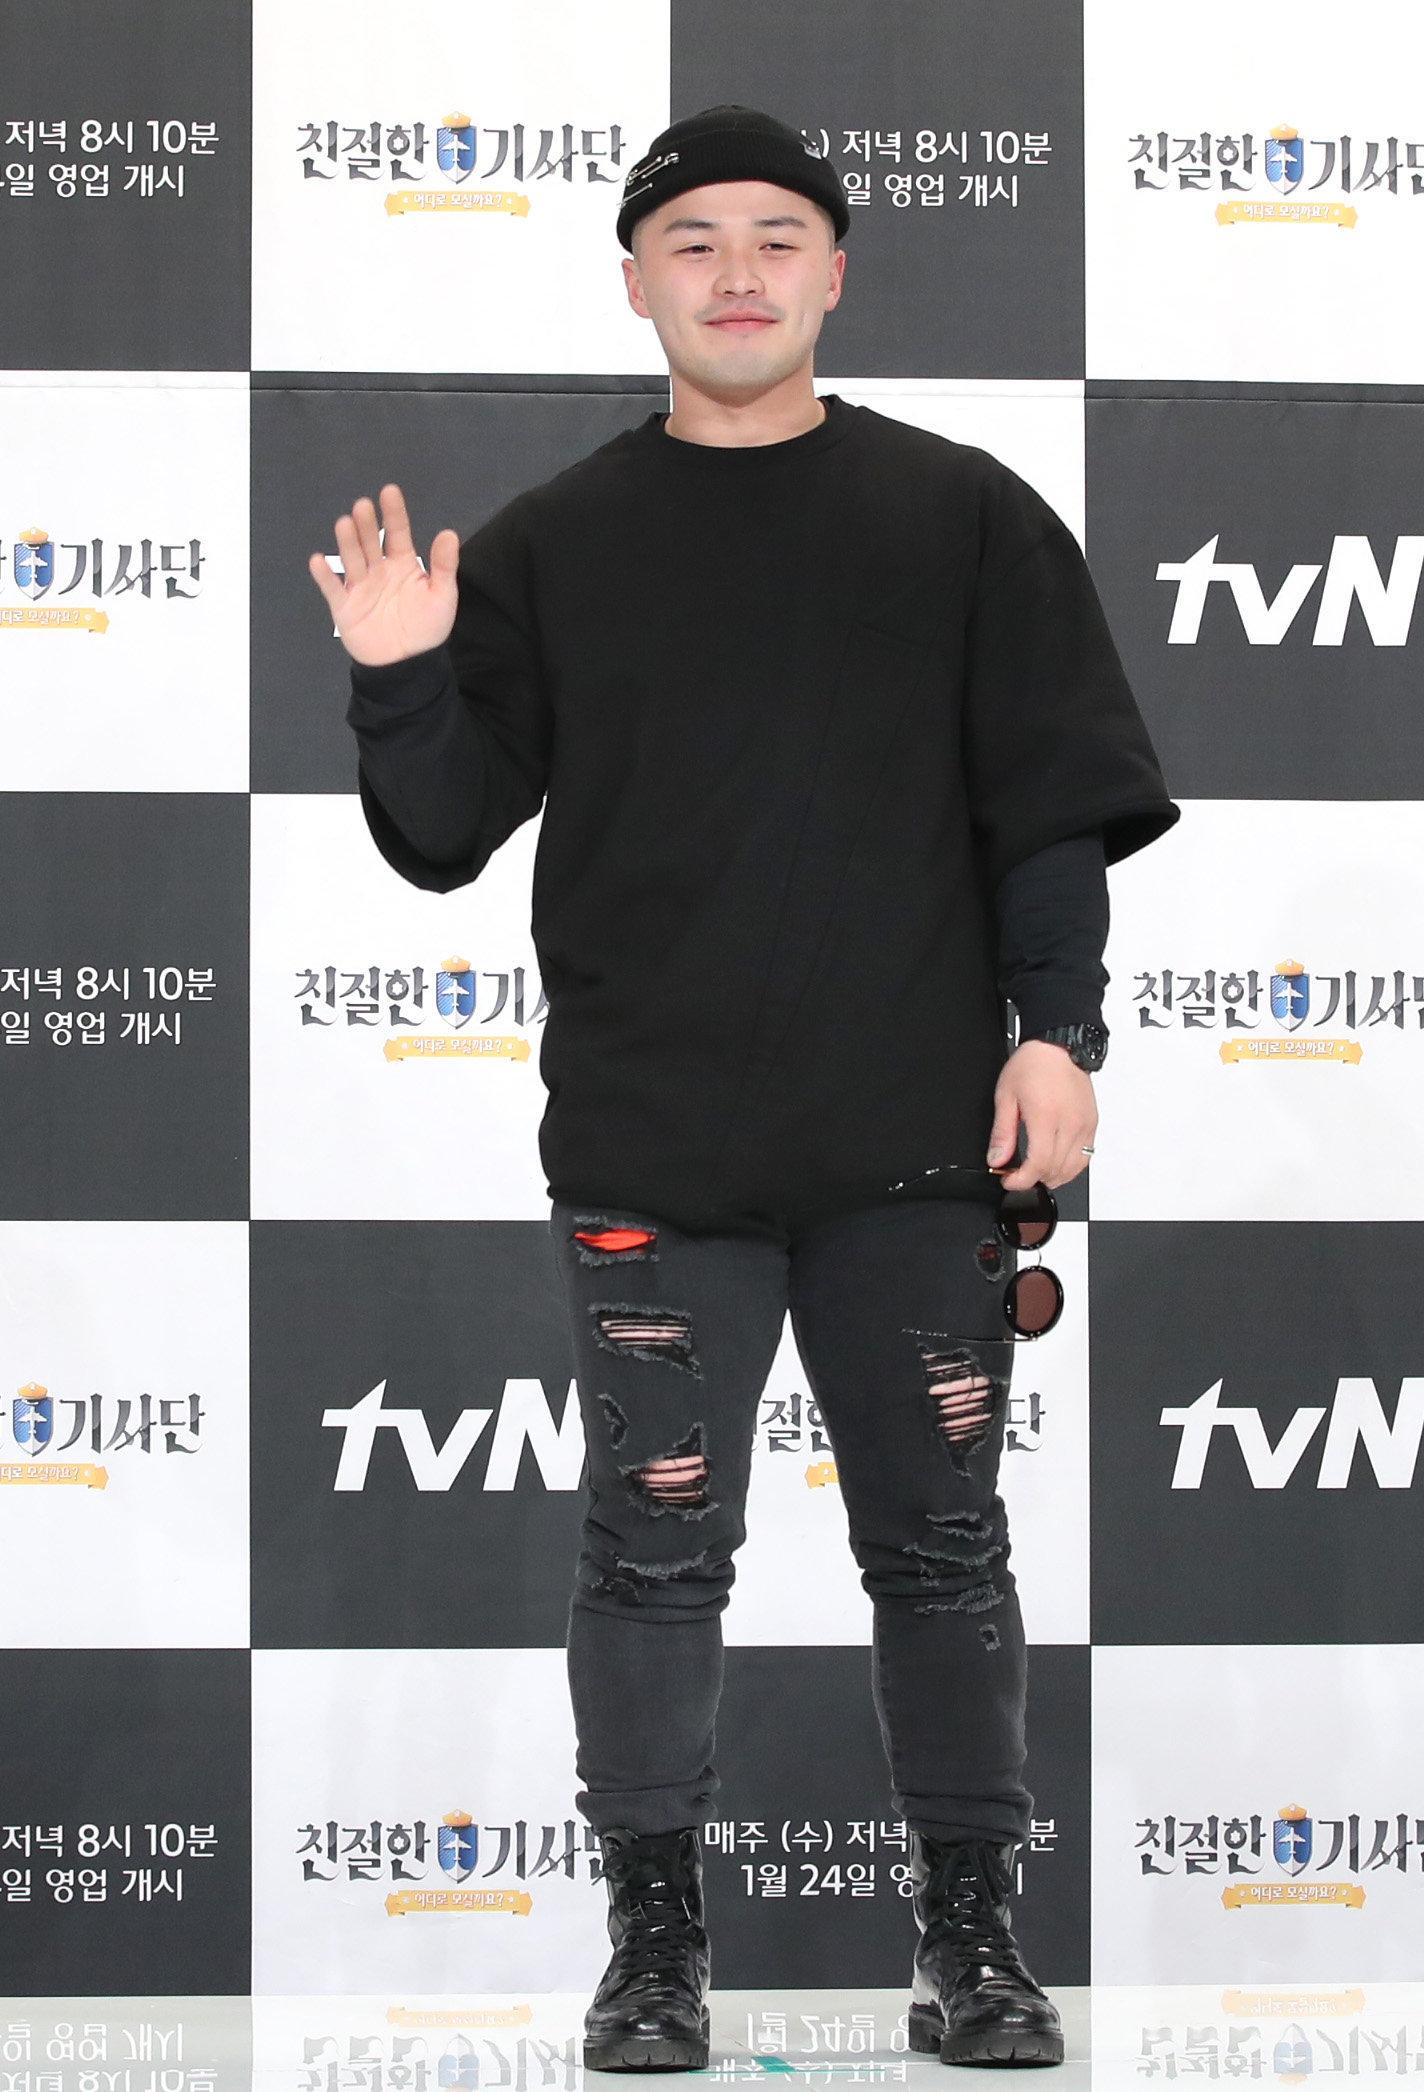 마이크로닷이 열애 인정 후 인스타그램에 처음 올린 글